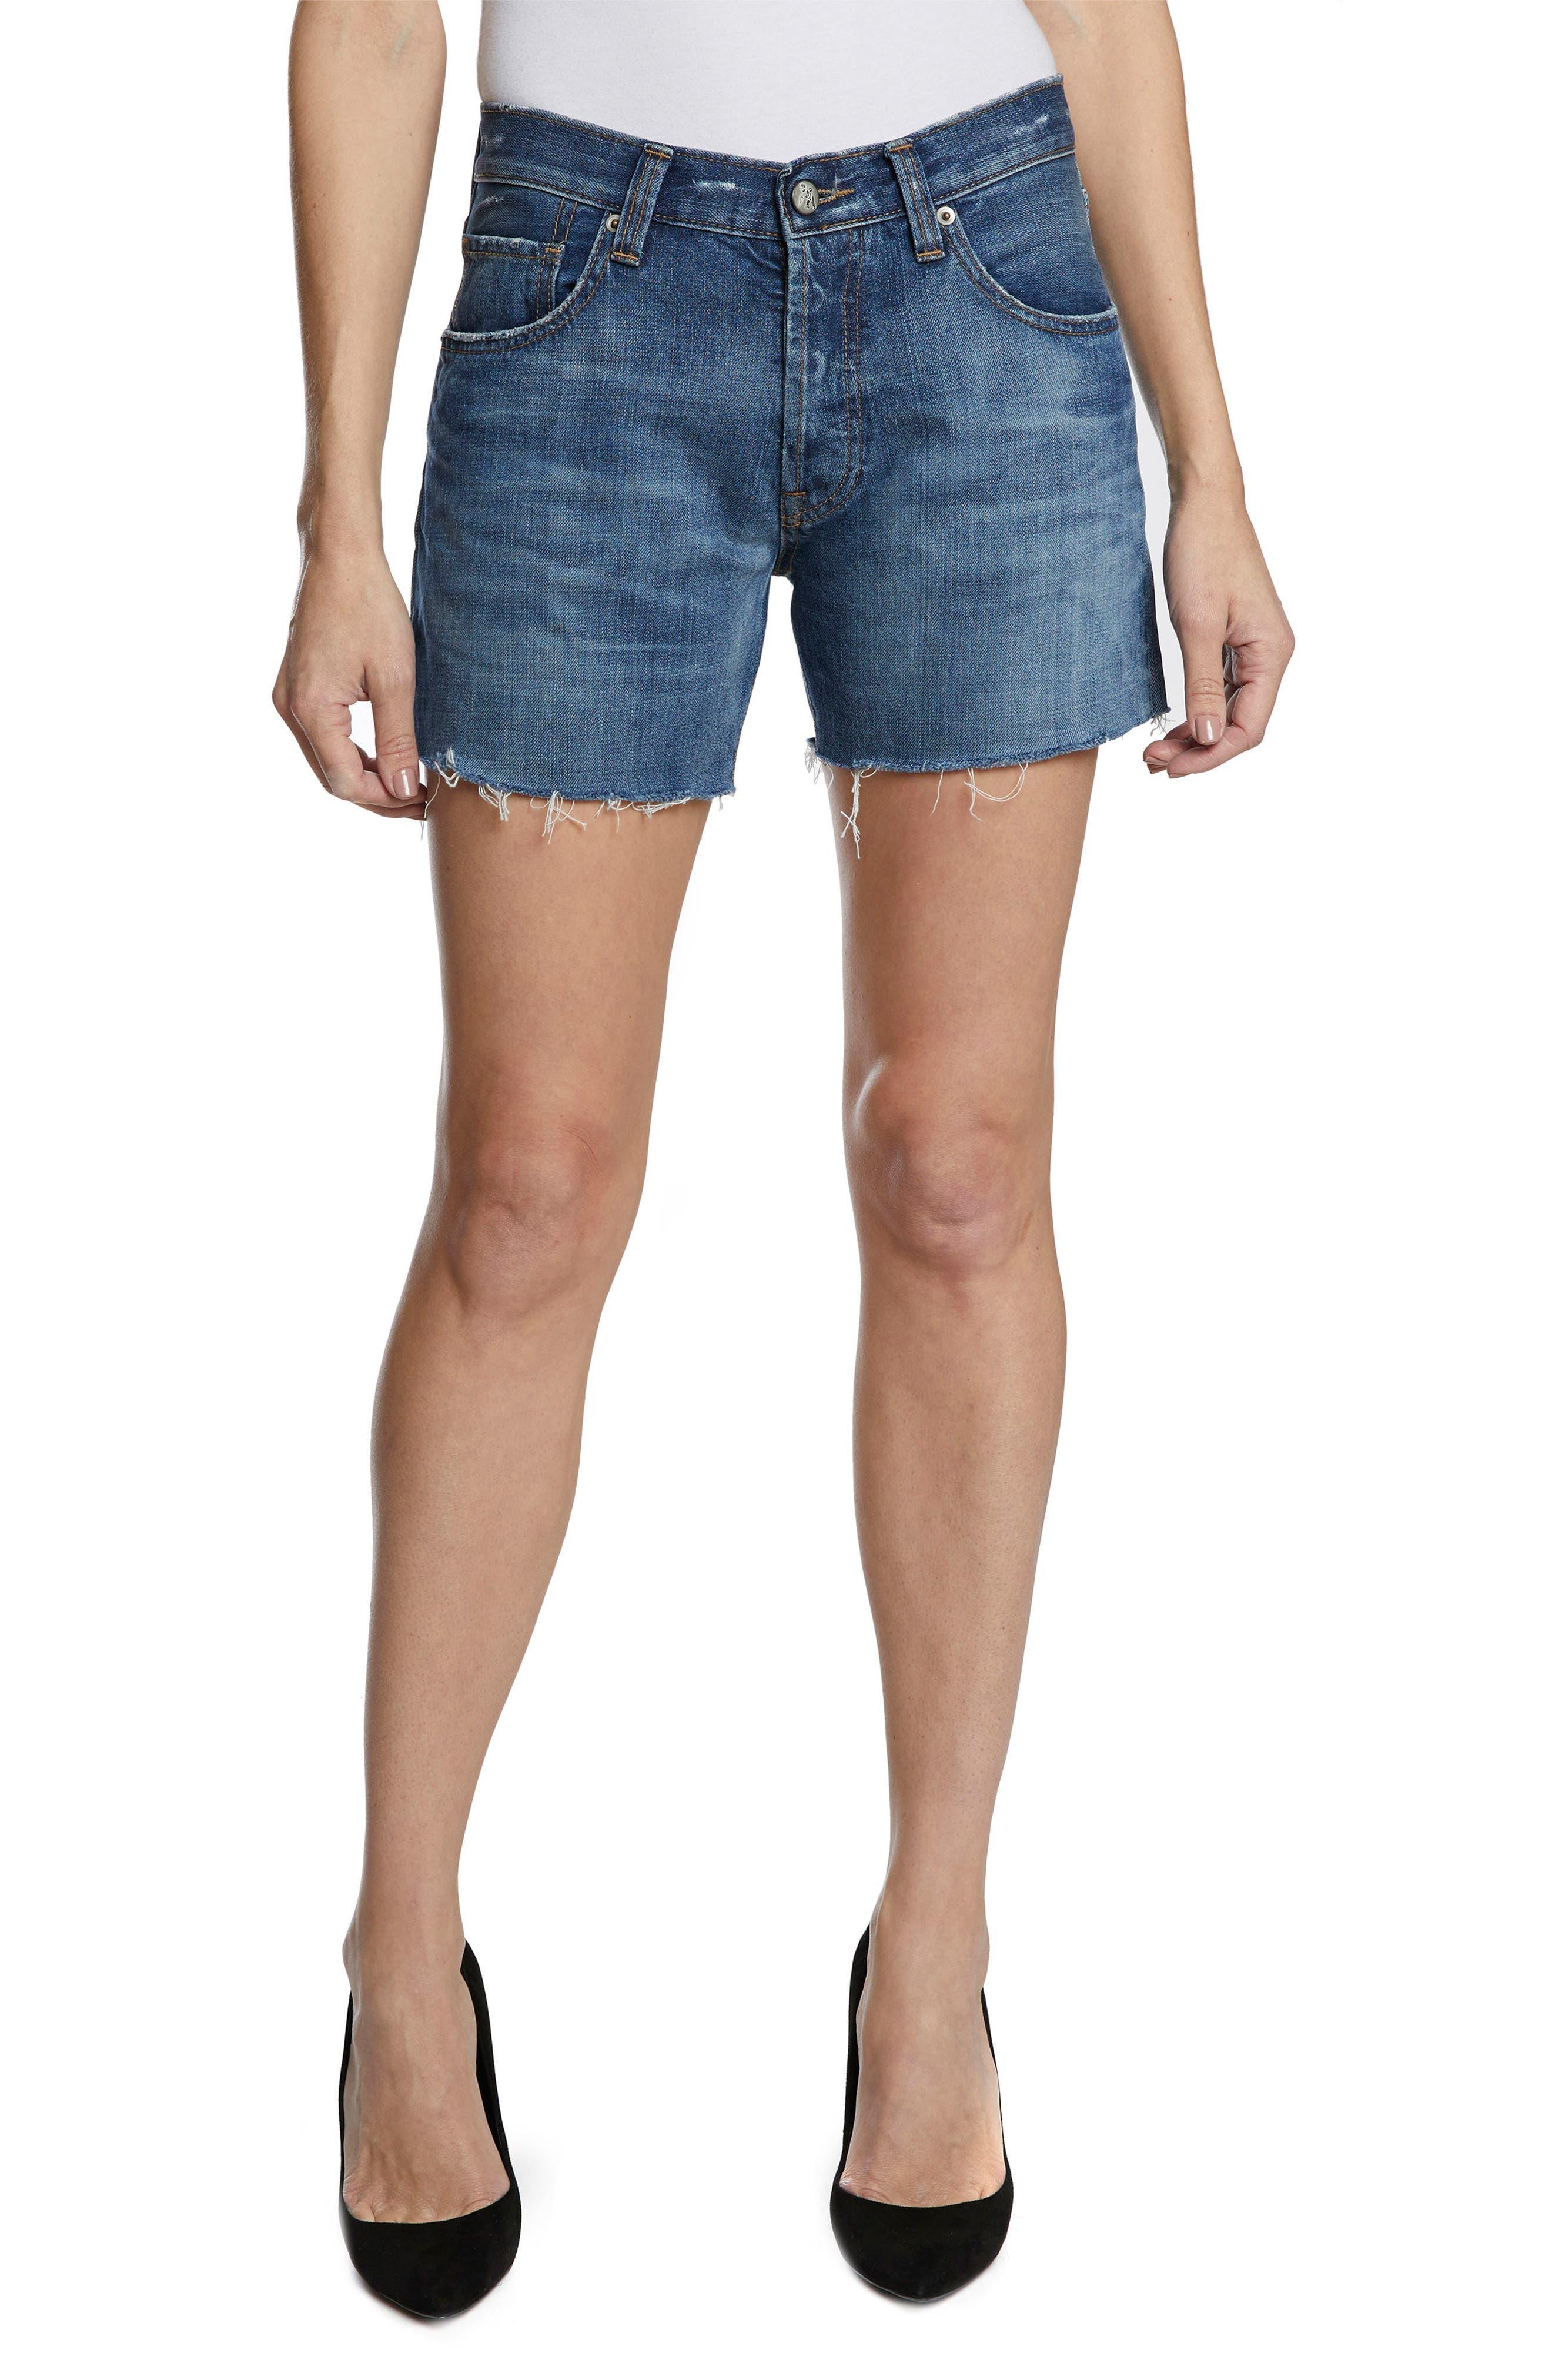 El Camino Cutoff Denim Boyfriend Shorts,                         Main,                         color, Medium Wash